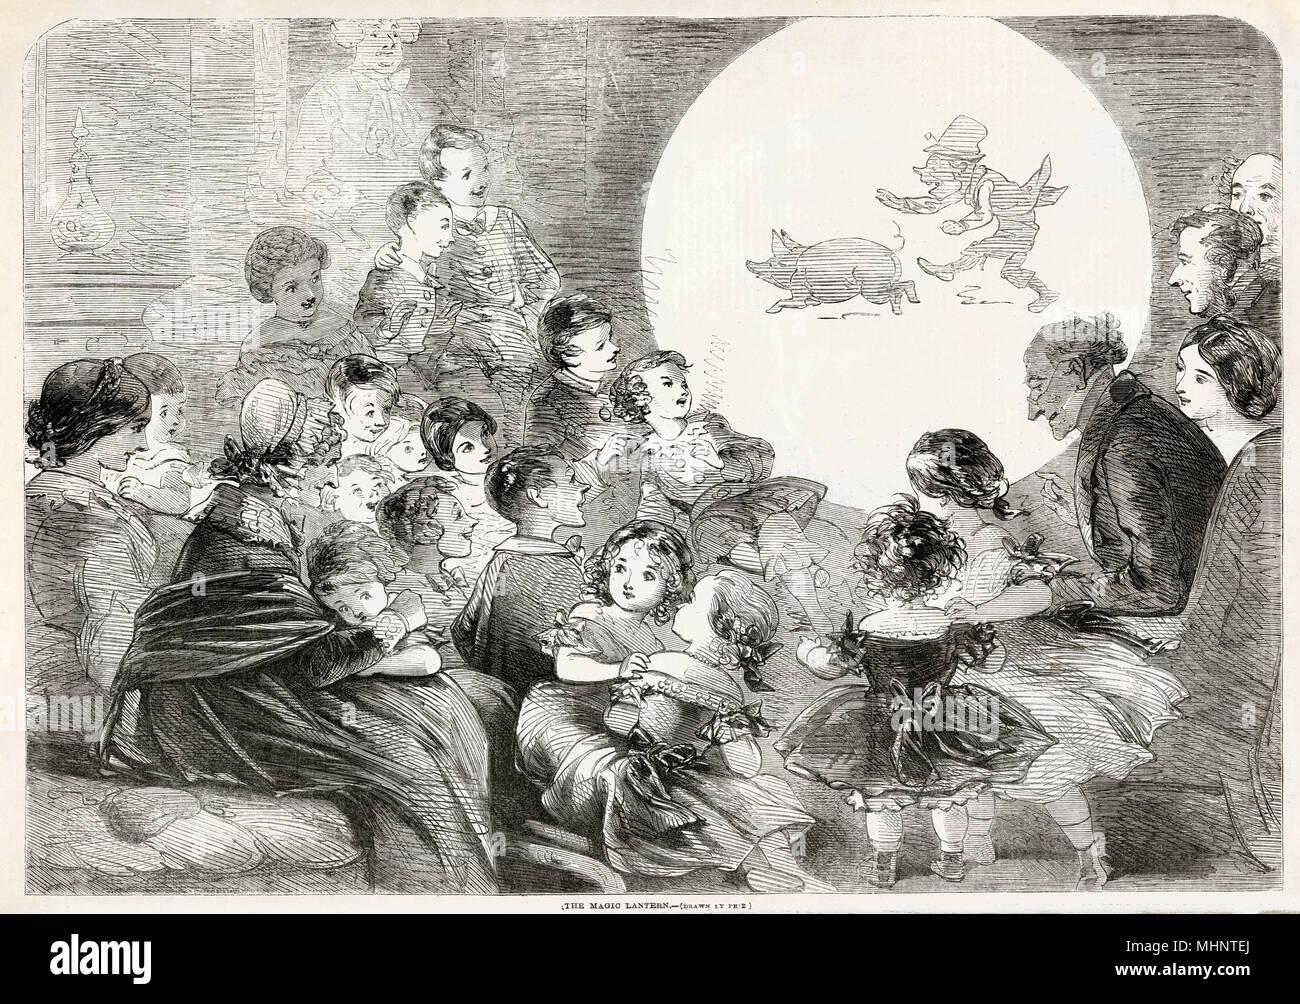 Los espectáculos nocturnos, con niños sorprendidos por la brillante Linterna de cristal correderas ha proyectado en la pared. Fecha: 1858 Imagen De Stock